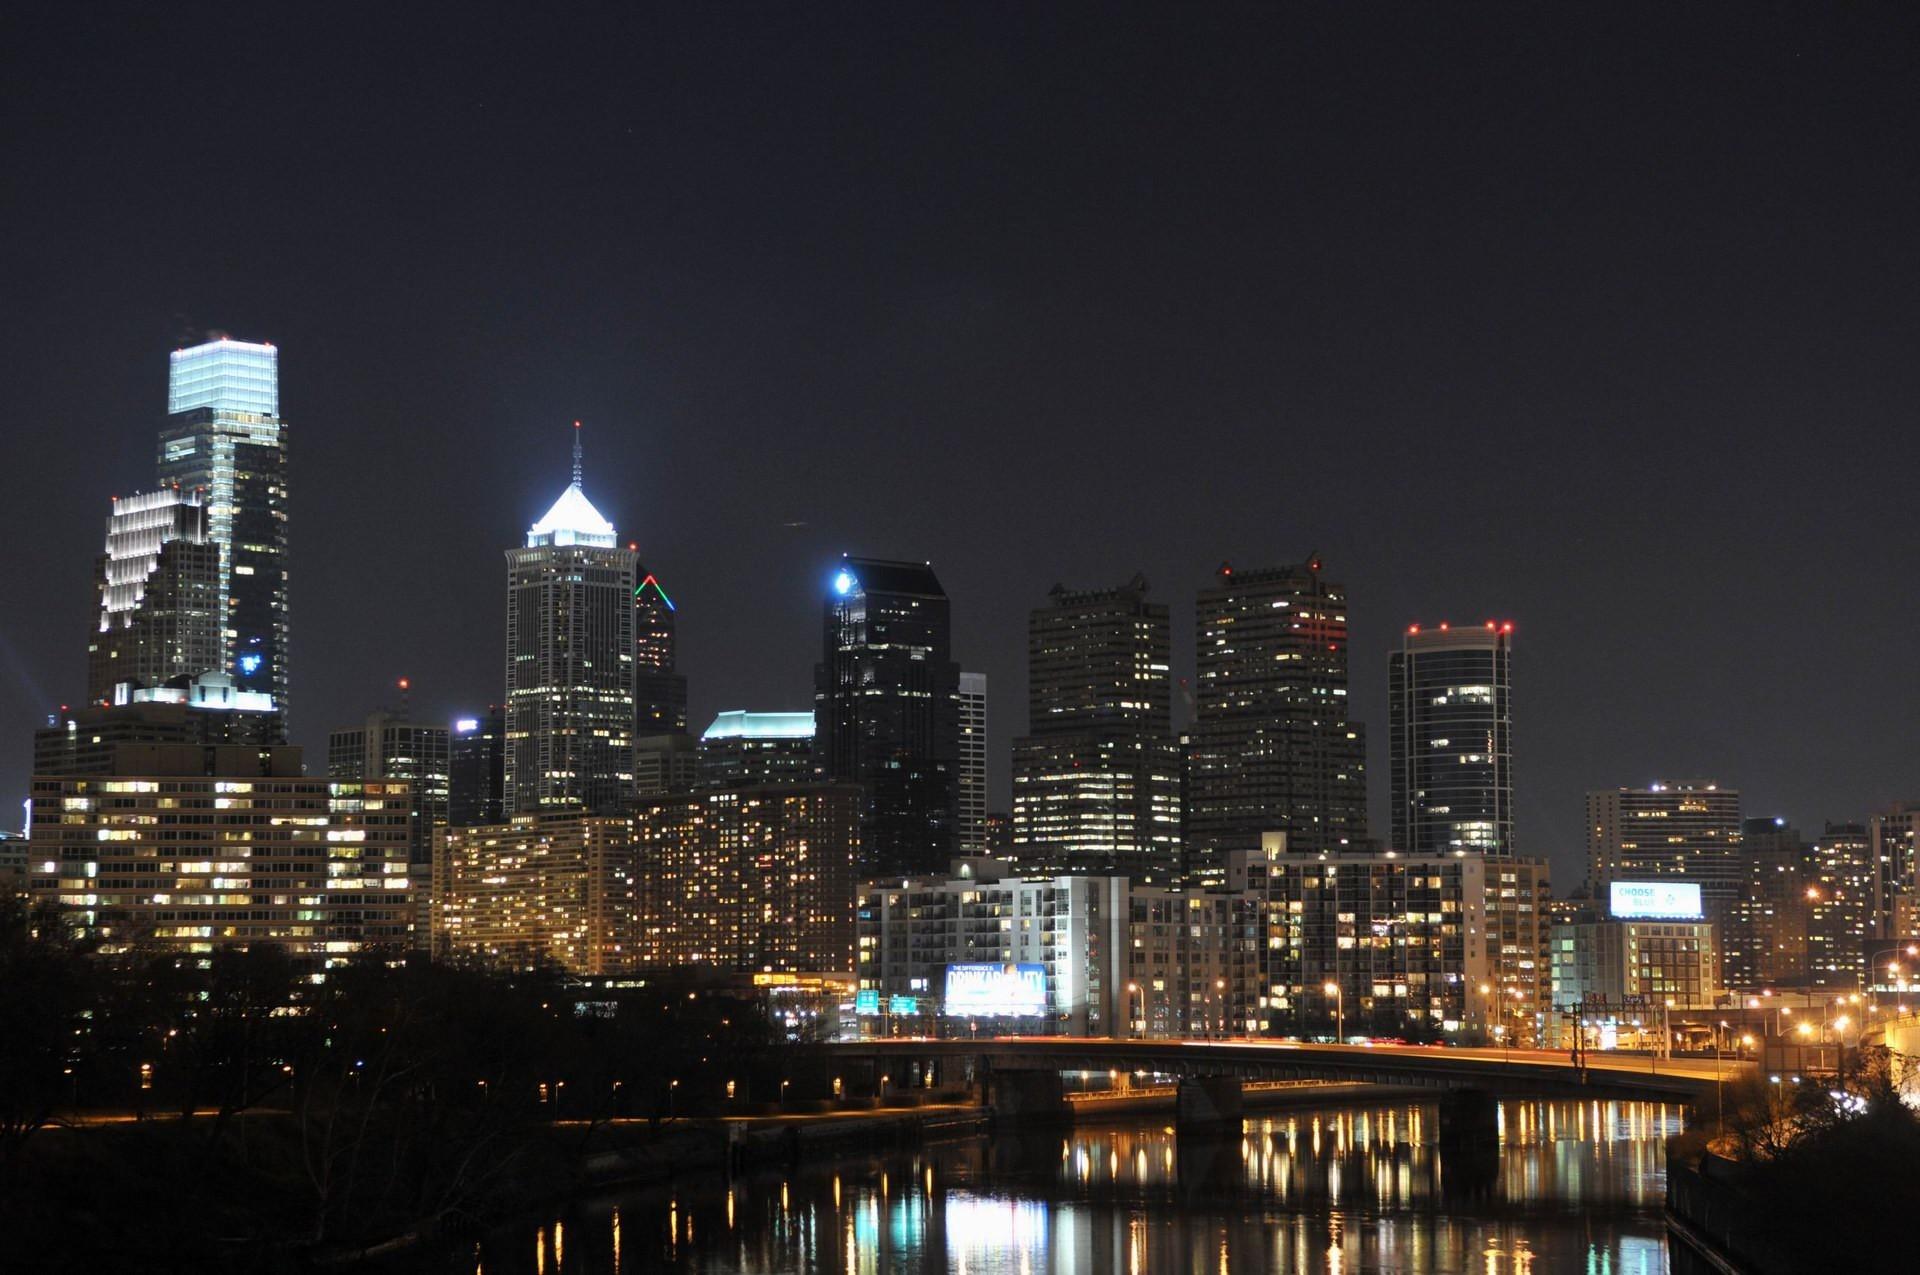 philadelphia ... & Philadelphia Skyline Wallpaper ·?